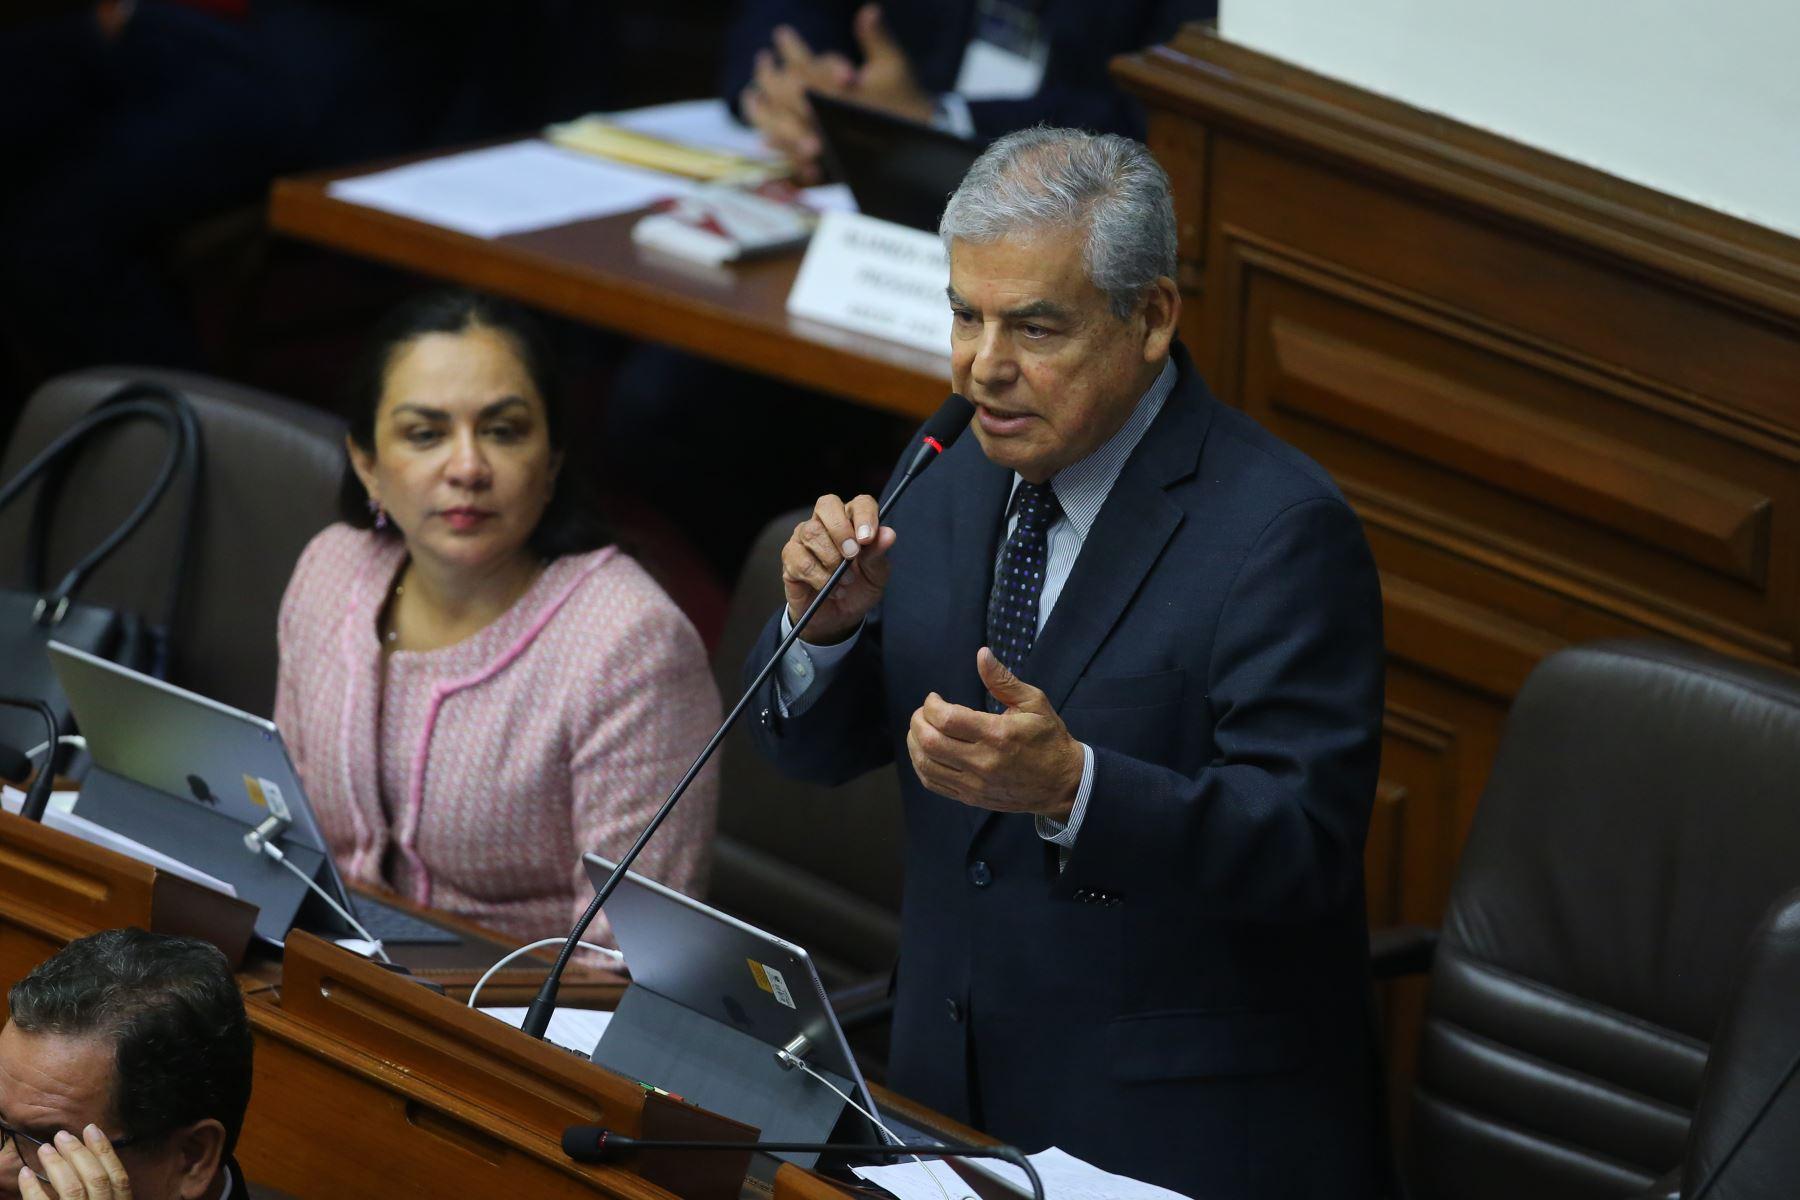 Congresista Cesar Villanueva interviene en el debate sobre la cuestión de confianza en el Congreso de la República. Foto: ANDINA/Vidal Tarqui